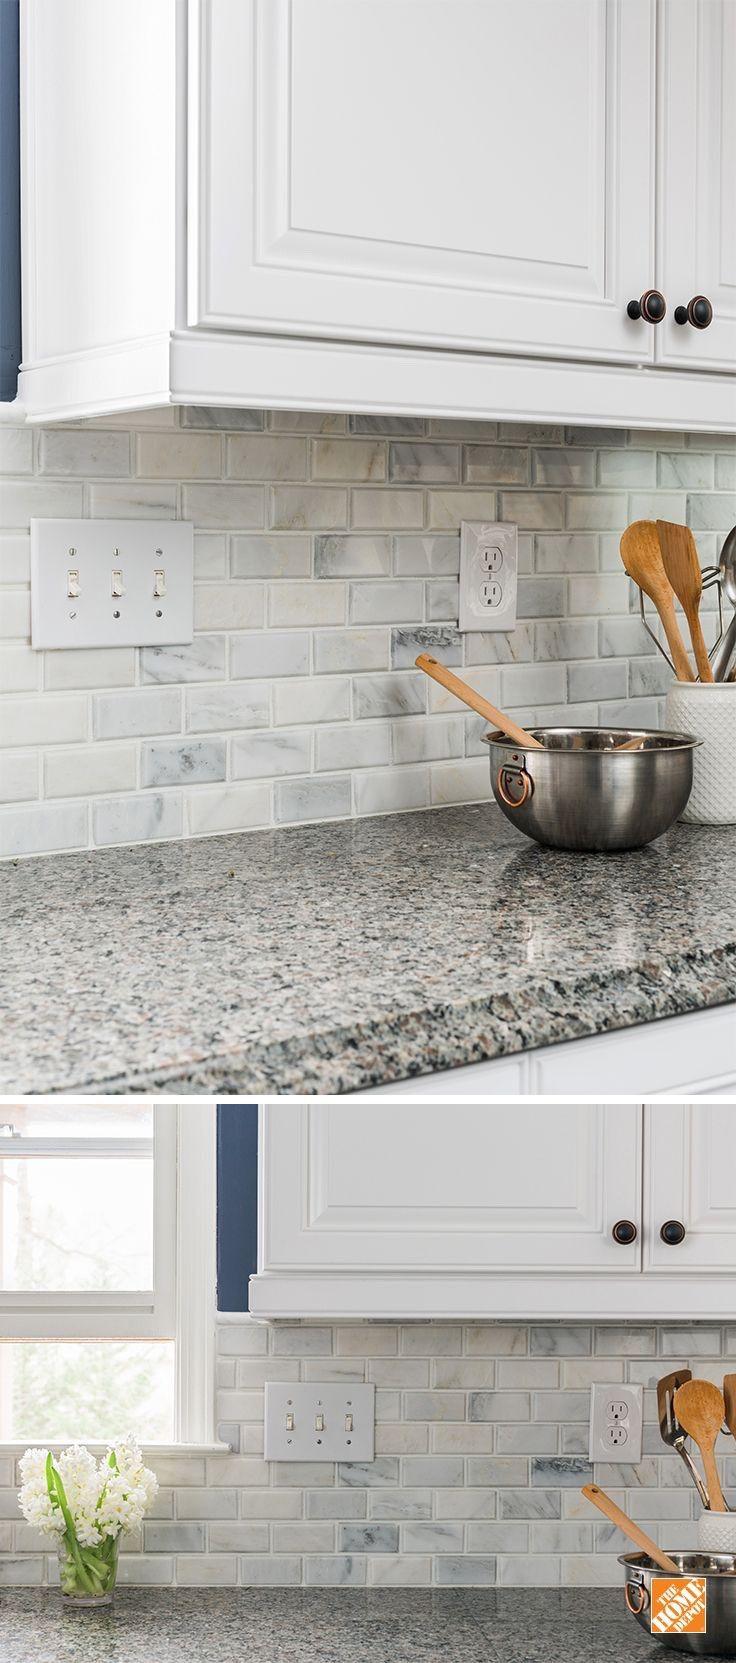 Kitchen remodel kitchenideas tile backsplashes kitchen